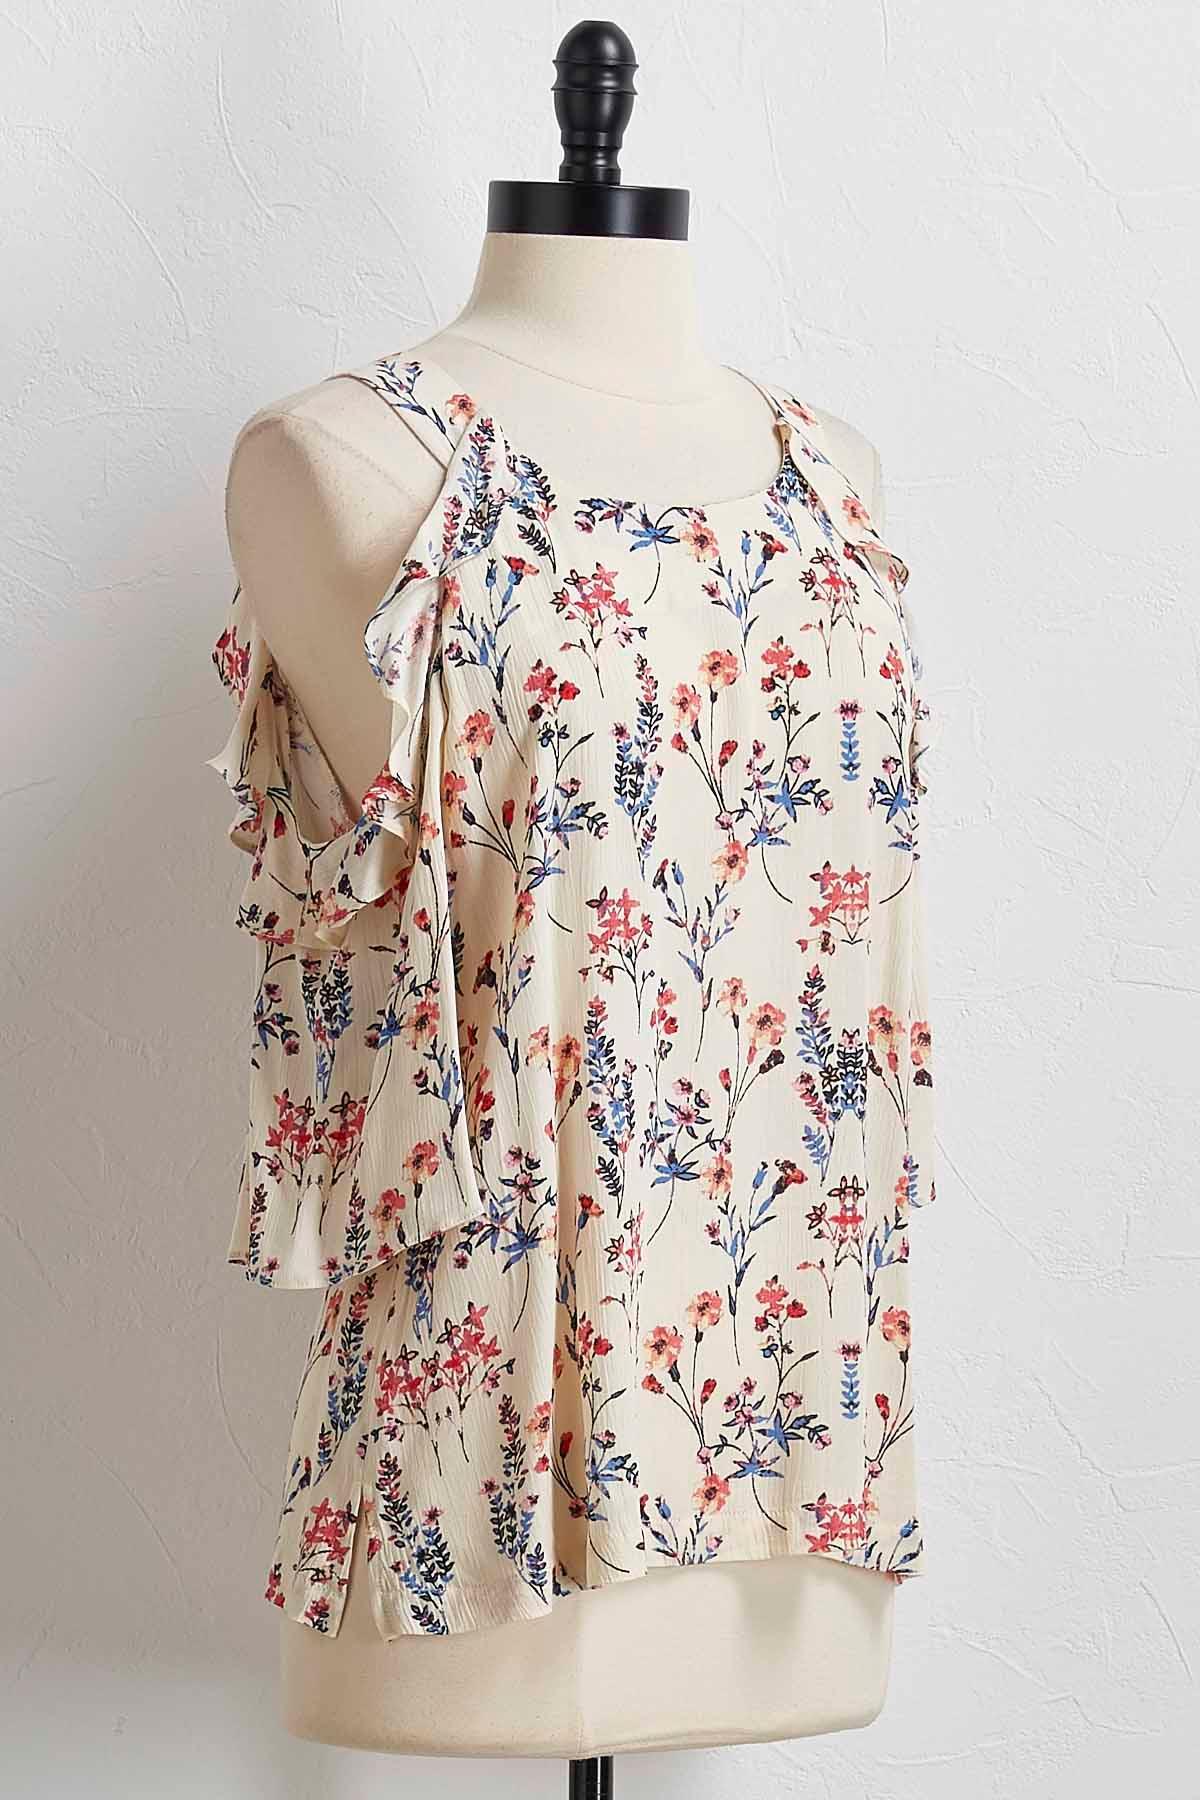 Floral Ruffled Bare Shoulder Top